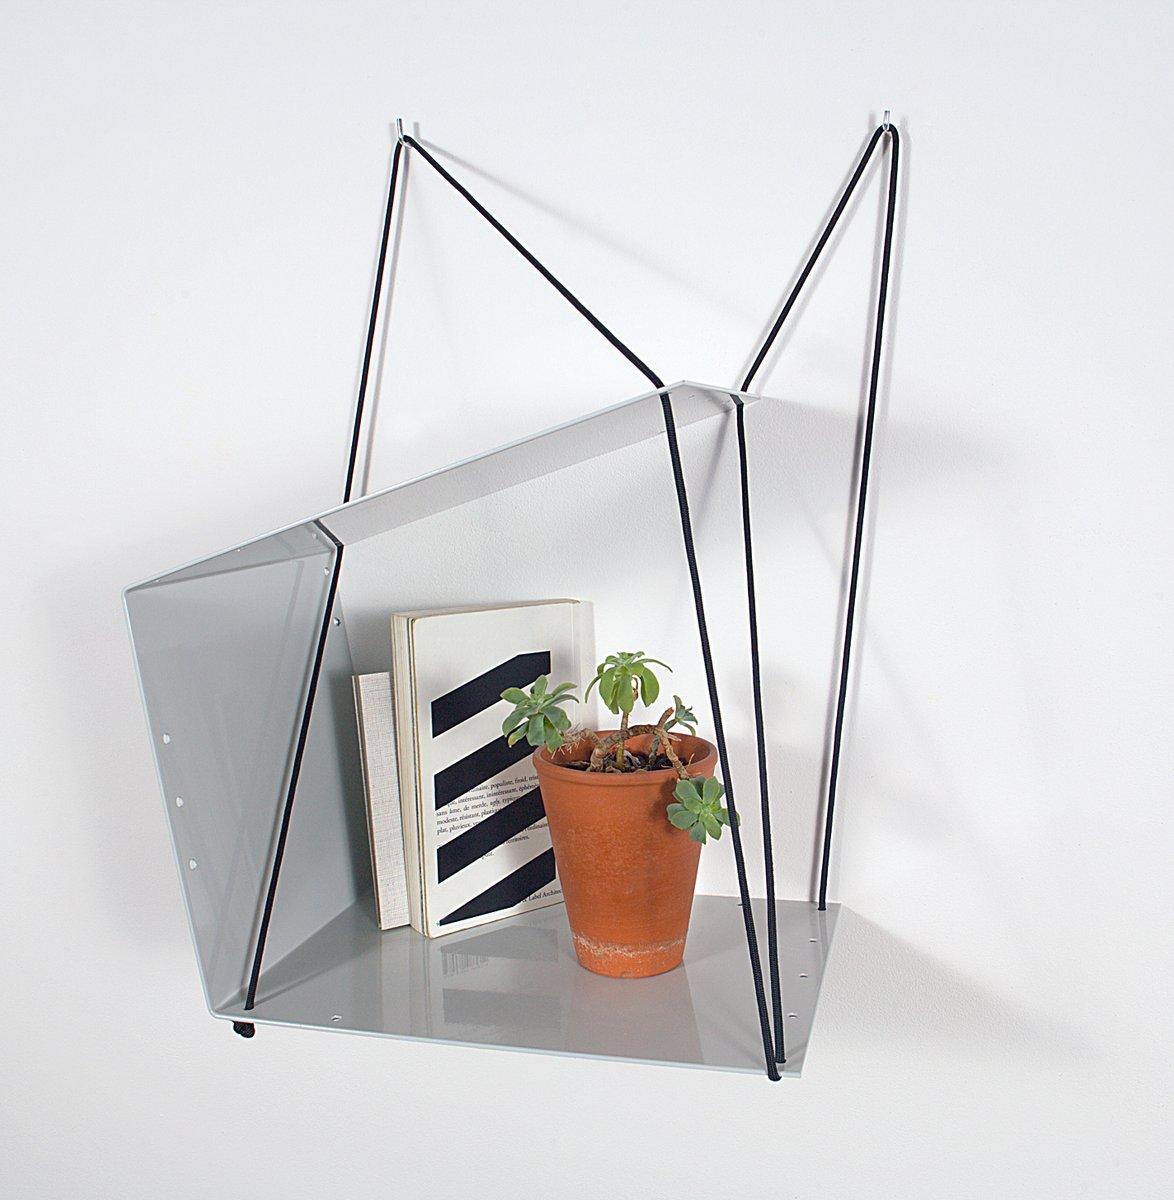 kleines autel wandregal von mr mr 2017 bei pamono kaufen. Black Bedroom Furniture Sets. Home Design Ideas